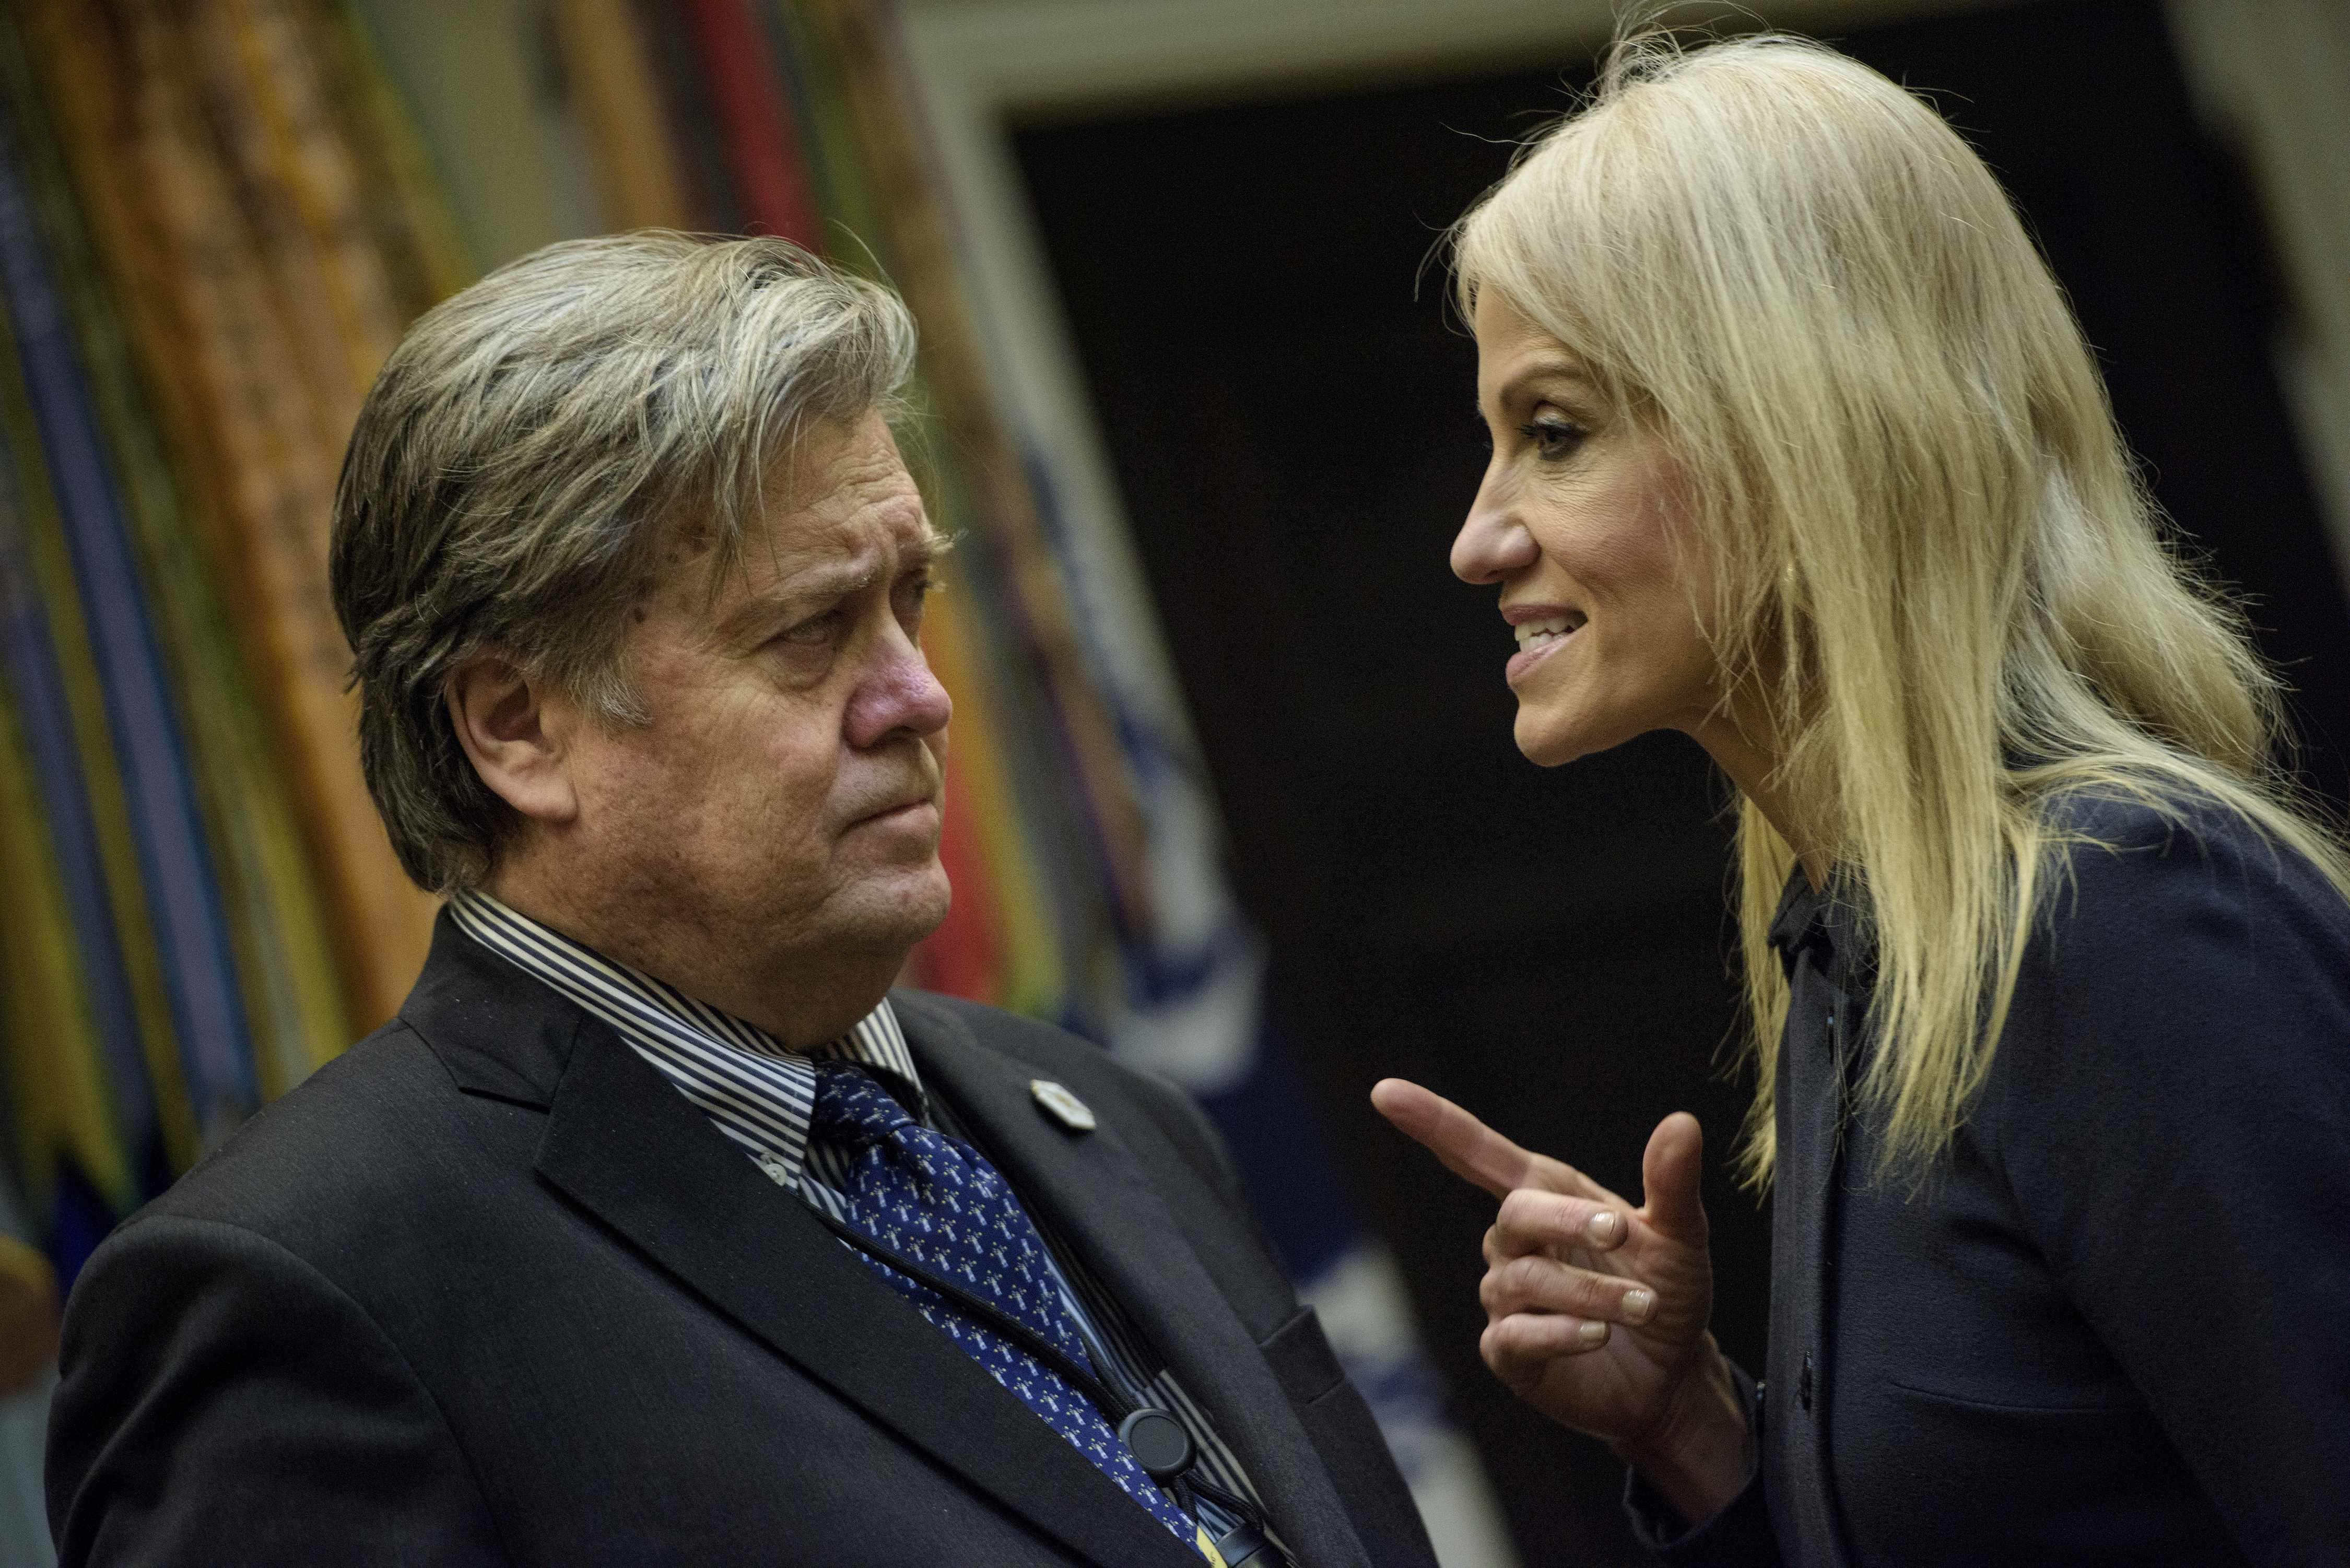 前白宮高級顧問巴農指出,柯恩與總統意見不合,理應辭職。(Getty Images)